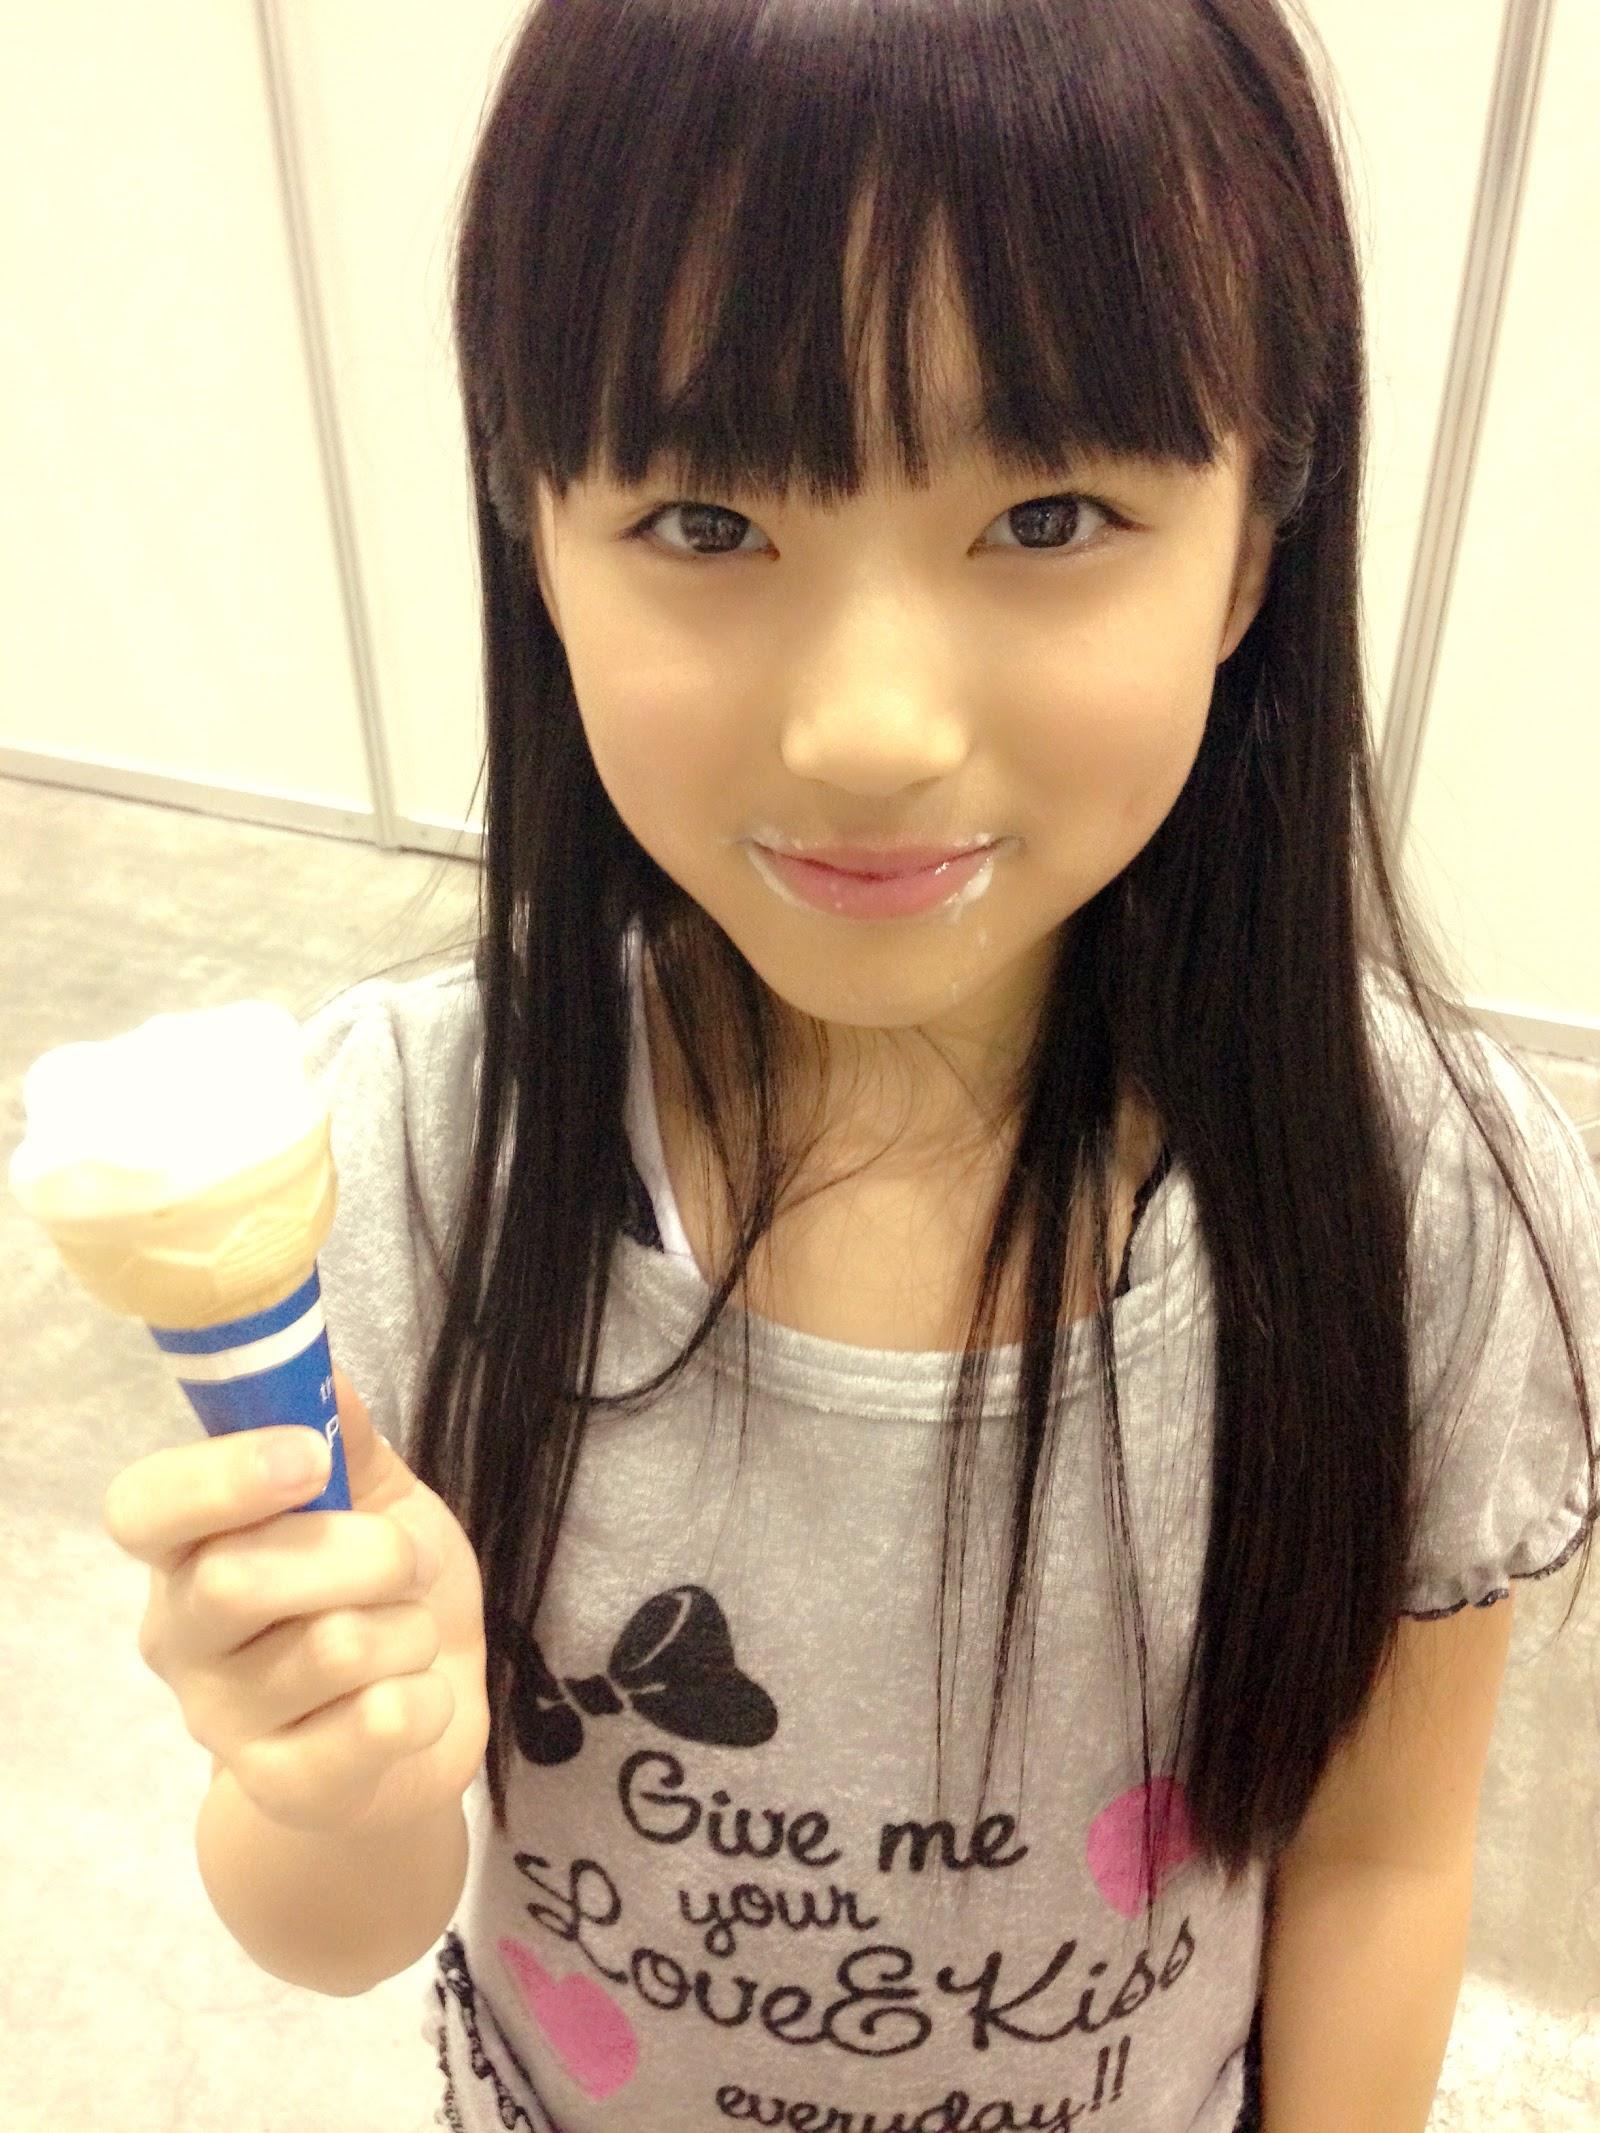 ジュニアアイドル 顔 【HKT48】なこちゃんは顔は大人だな【矢吹奈子】